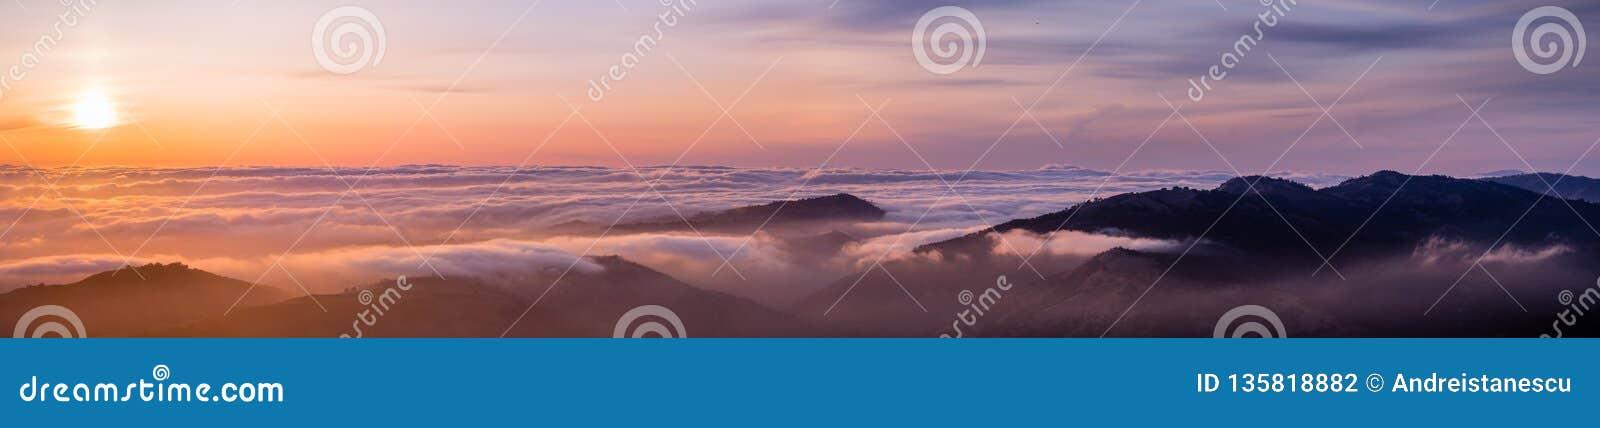 Vue panoramique d un coucher du soleil au-dessus d une mer des nuages couvrant le domaine de San Francisco Bay du sud ; arêtes de